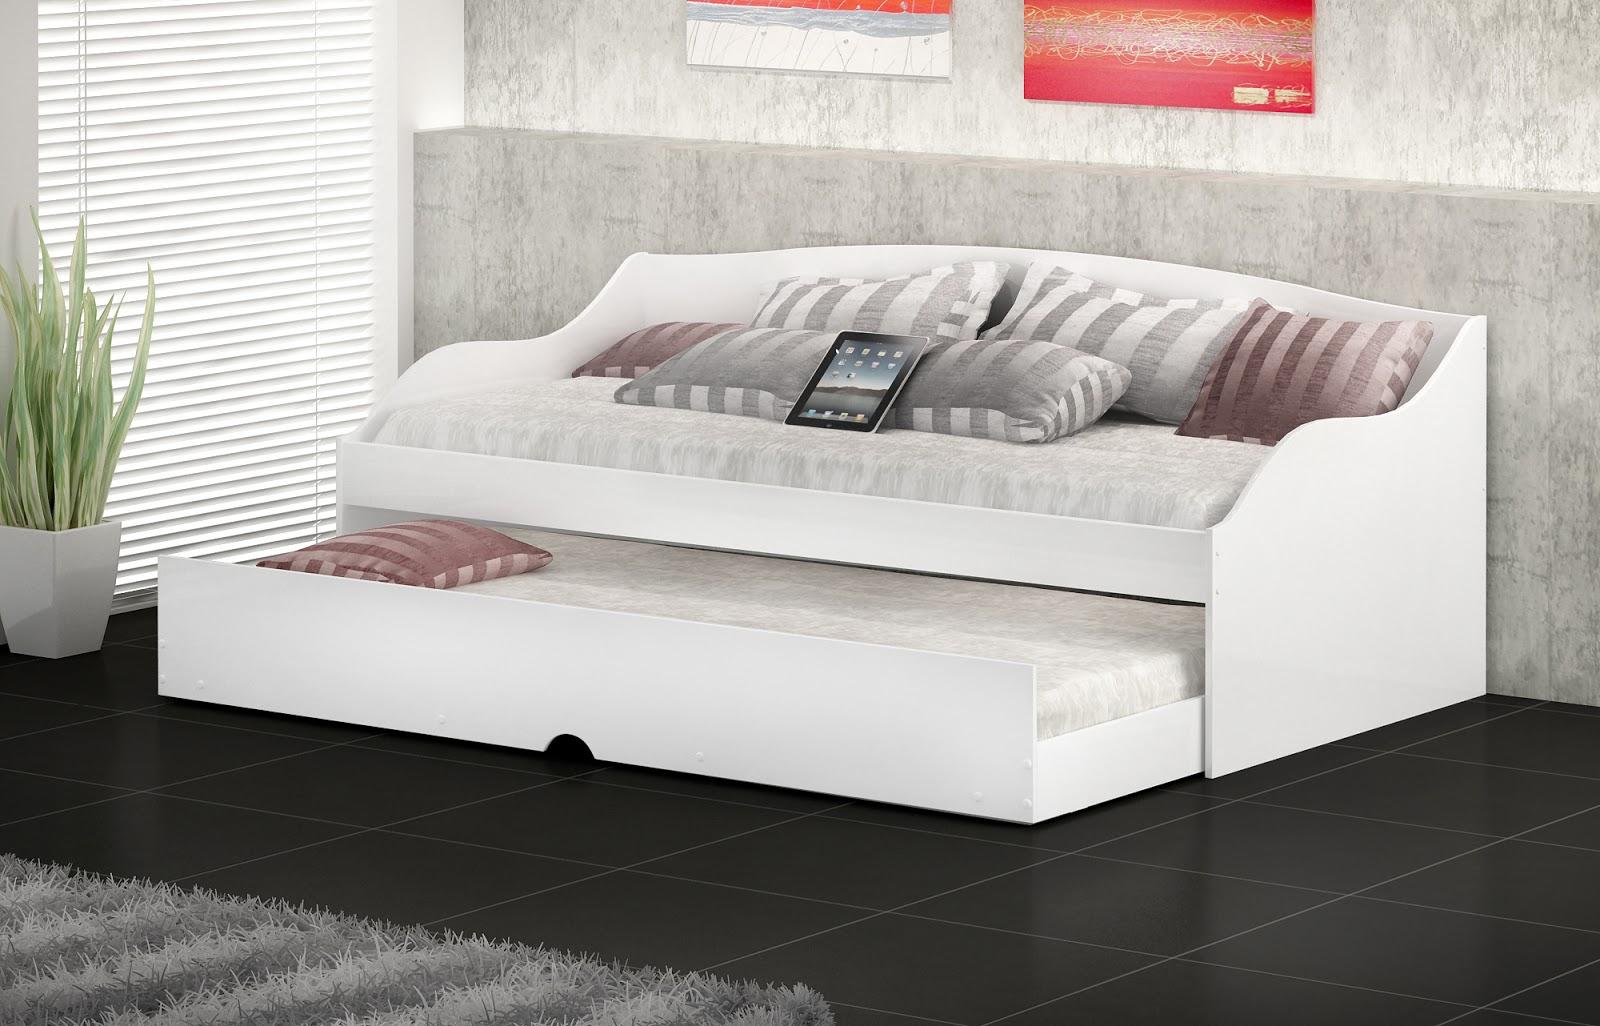 Temos camas bicamas colchoes e box bau bicama lais for Modelos de divan cama